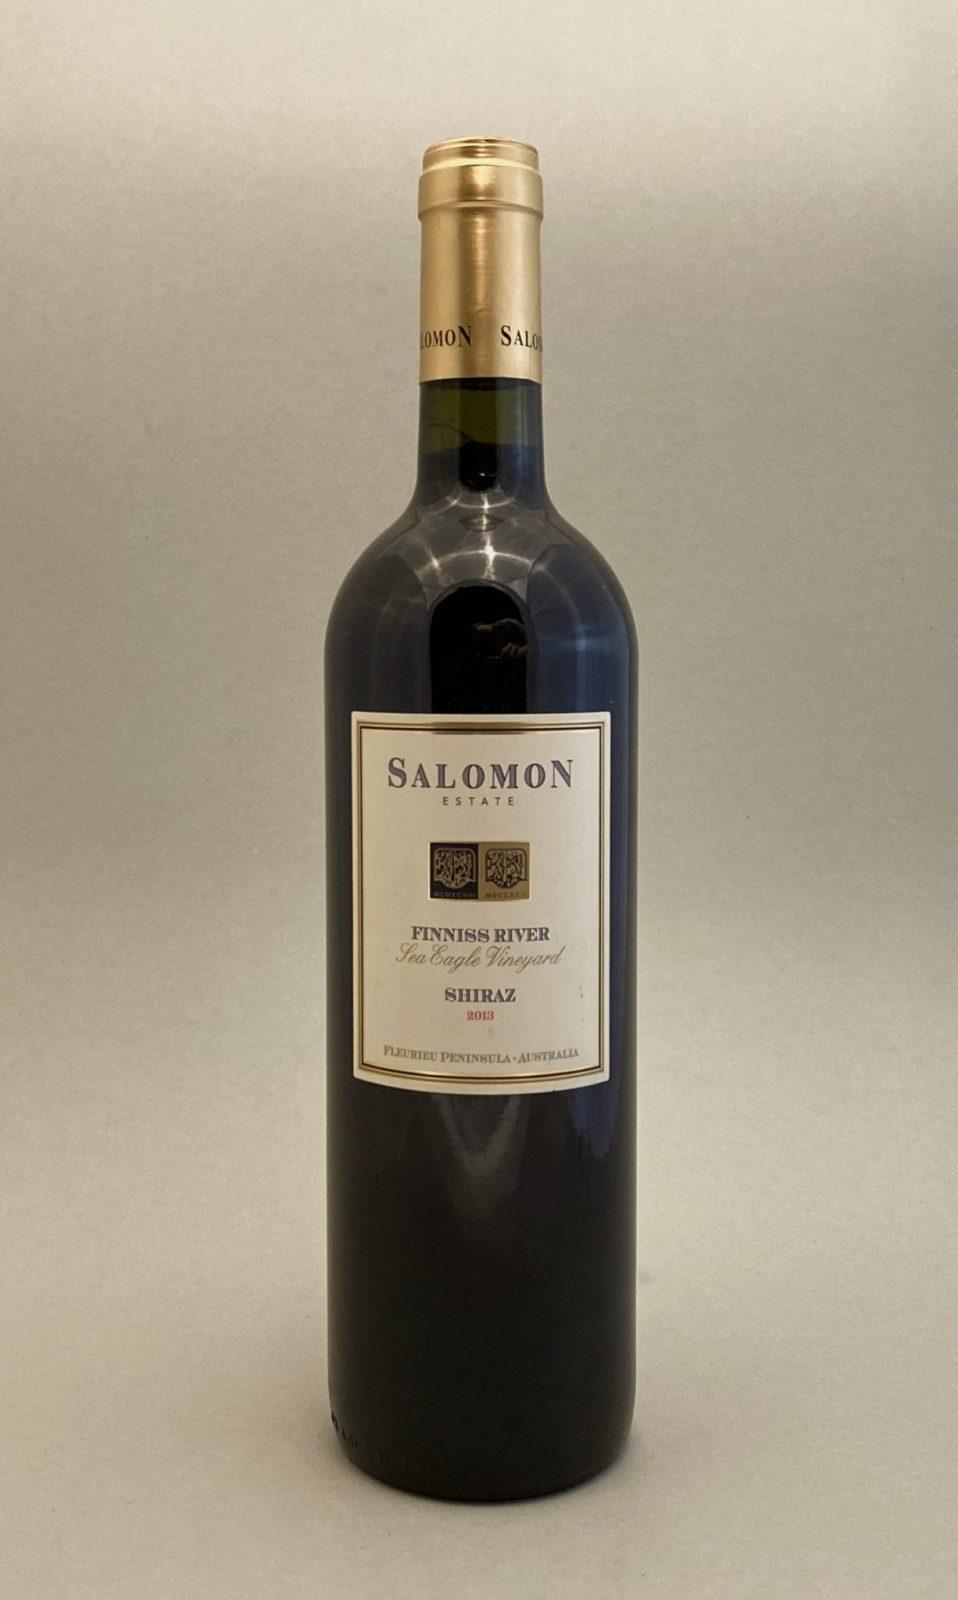 SALOMON Finniss River Shiraz 2013, vinoteka Bratislava slnecnice mesto, petrzalka, vino červene z Australie